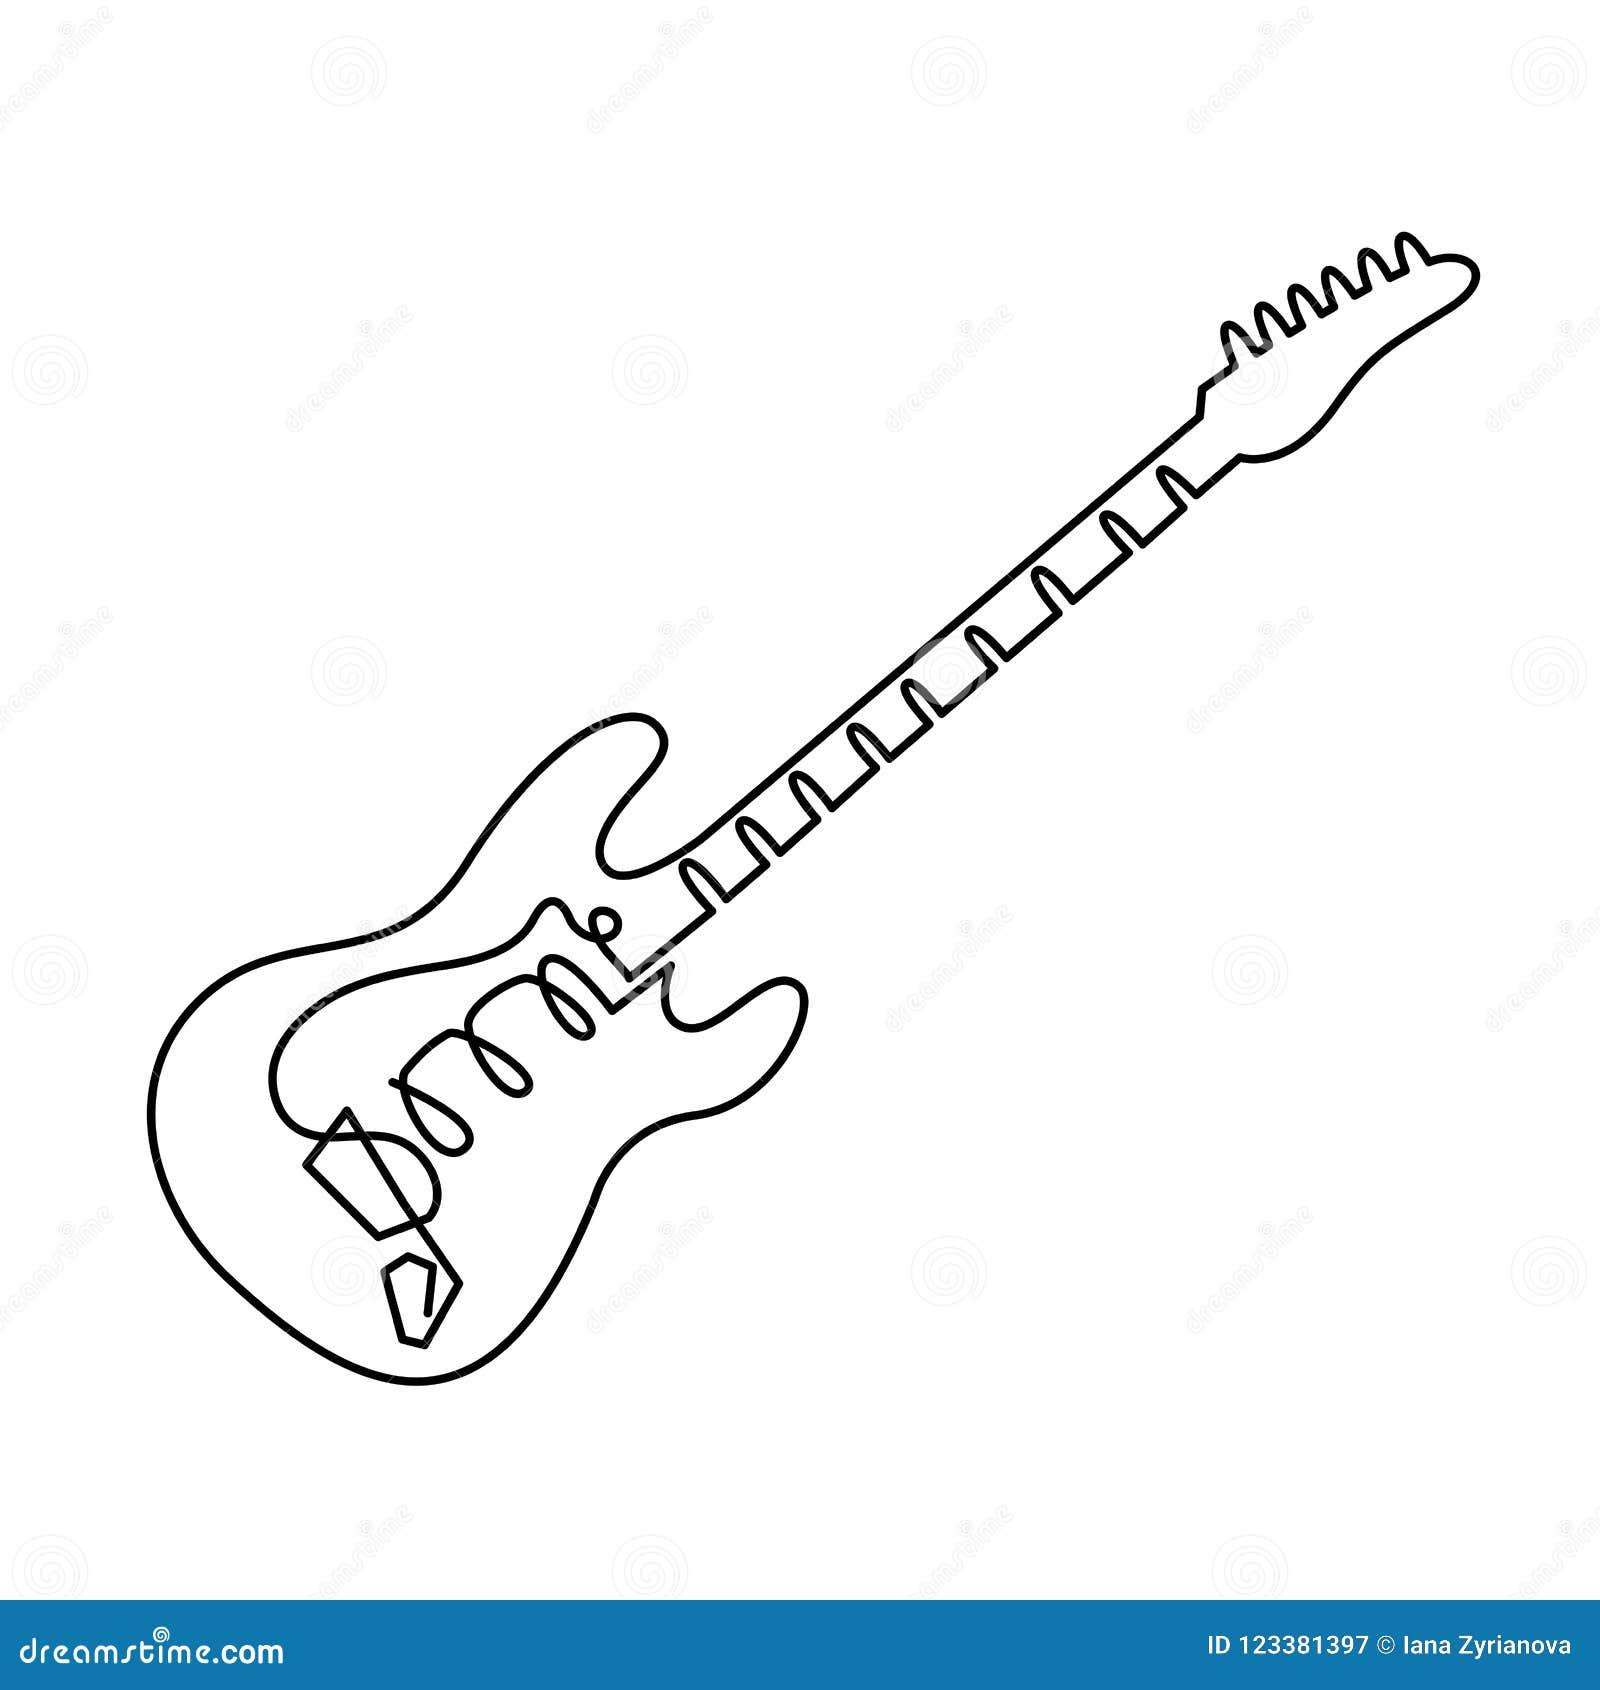 A Lapis Desenho Continuo Do Icone Da Guitarra Eletrica Esboce O